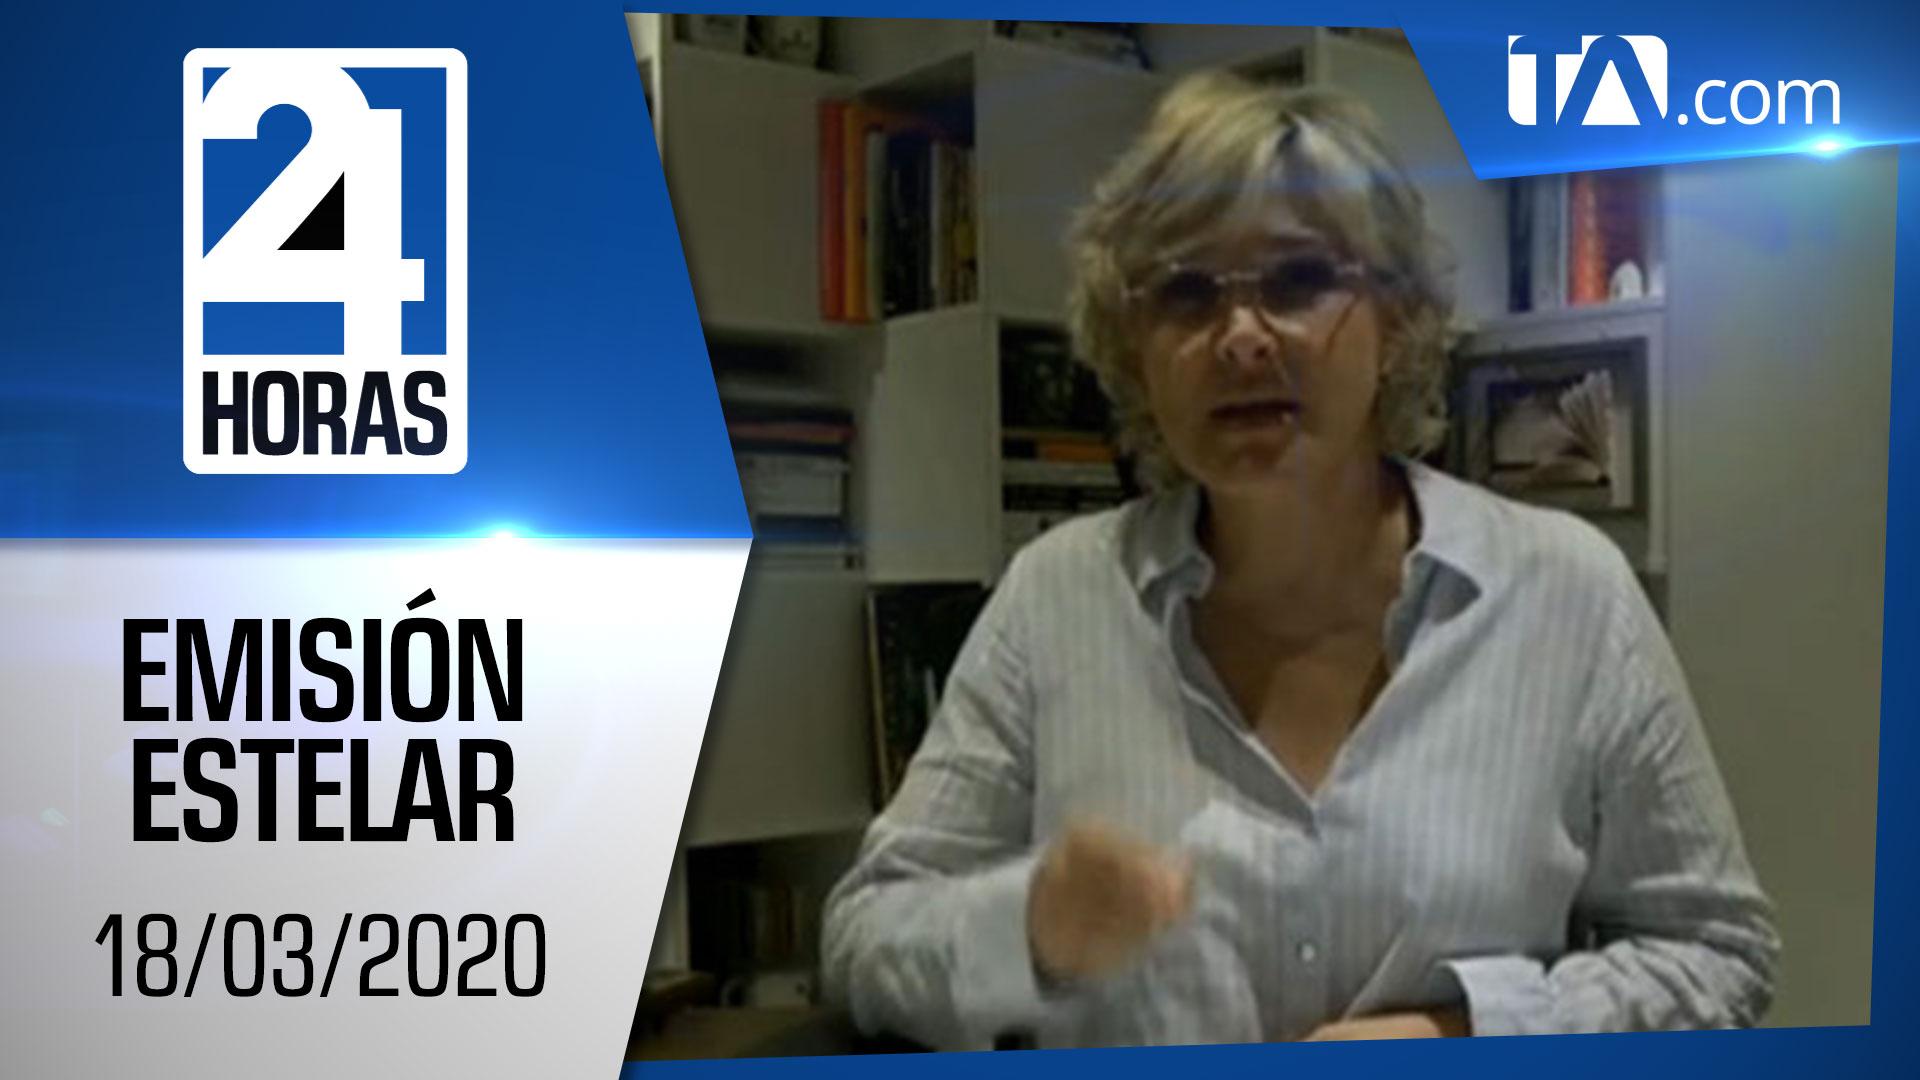 Noticias Ecuador: Noticiero 24 Horas, 18/03/2020 (Emisión Estelar)